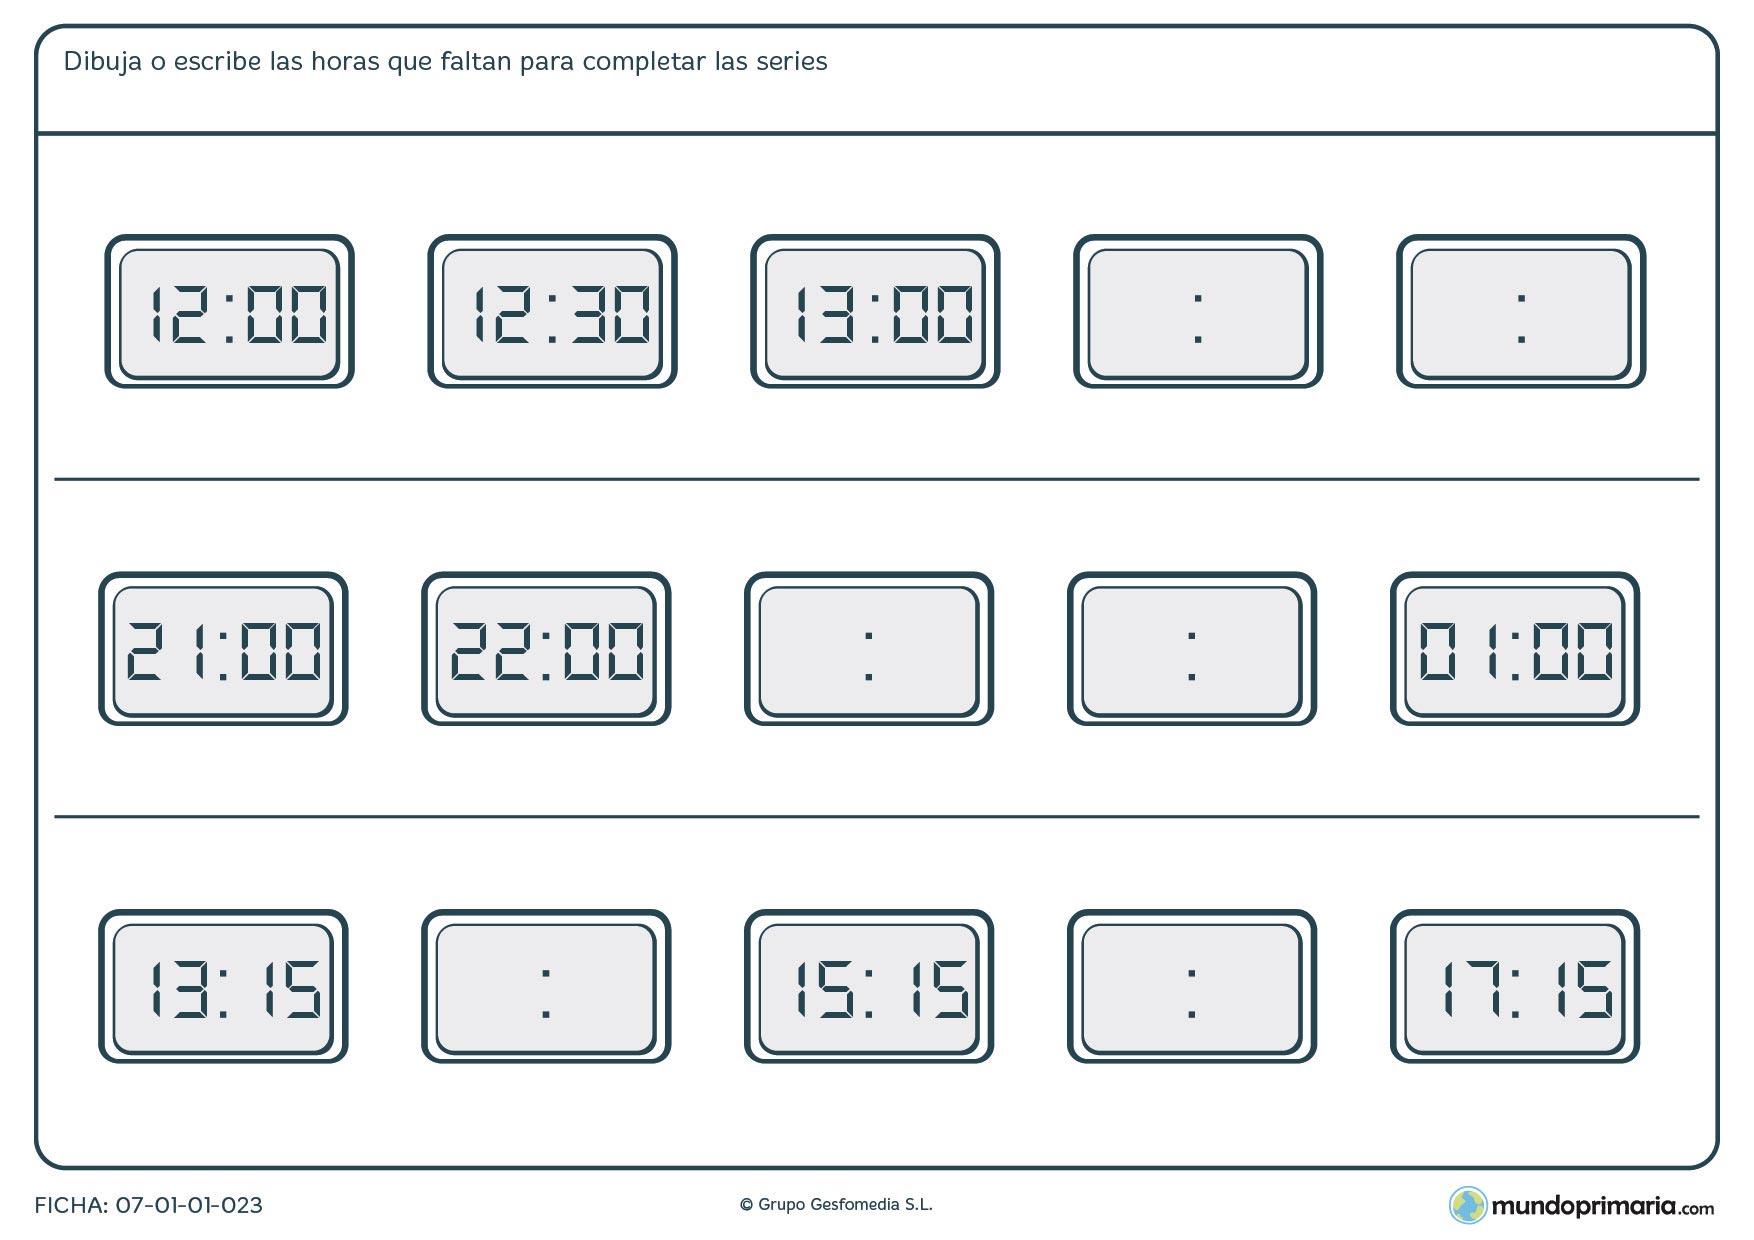 Ficha de series de relojes digitales en la que debes terminar los relojes vacíos.